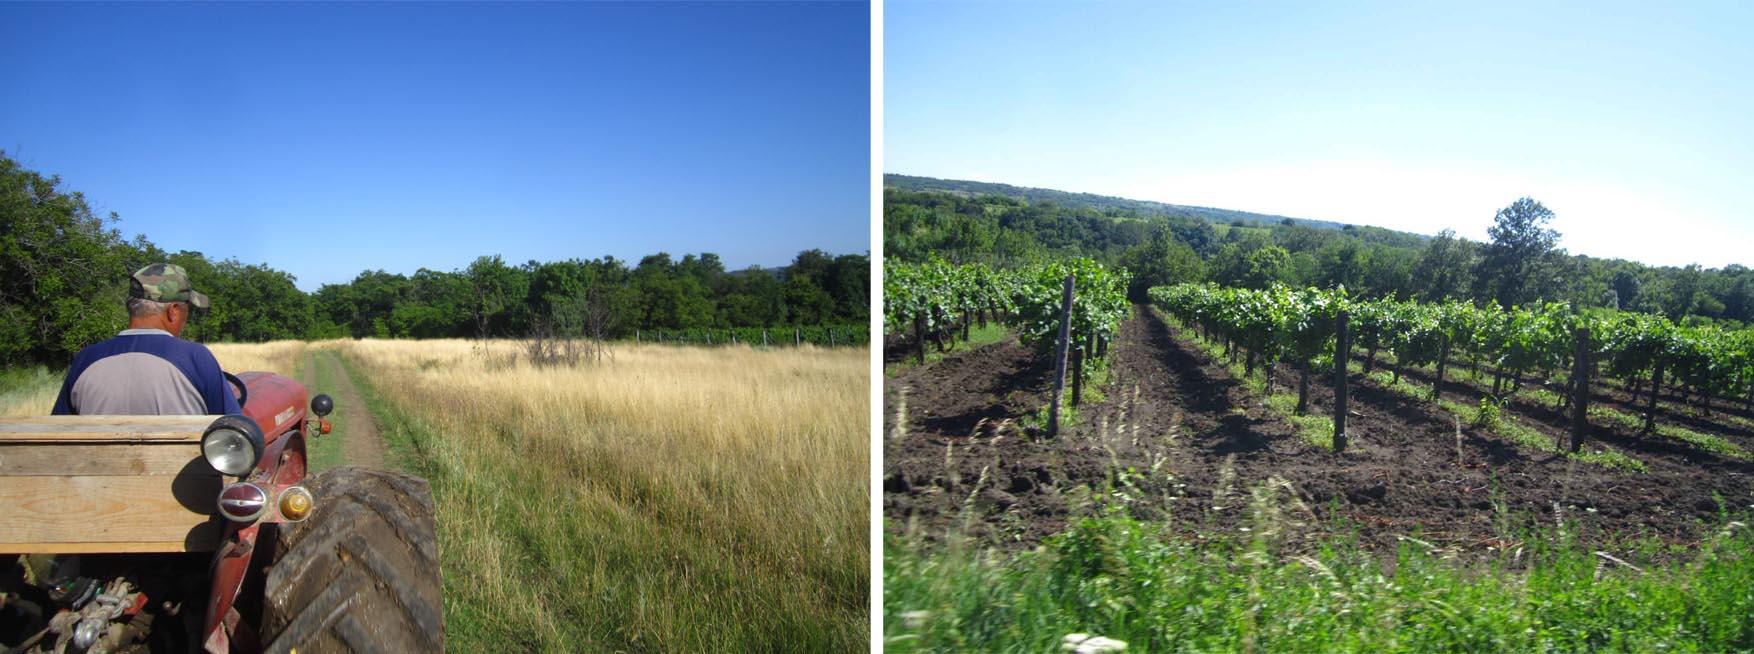 08 Rogljevo vinogradi